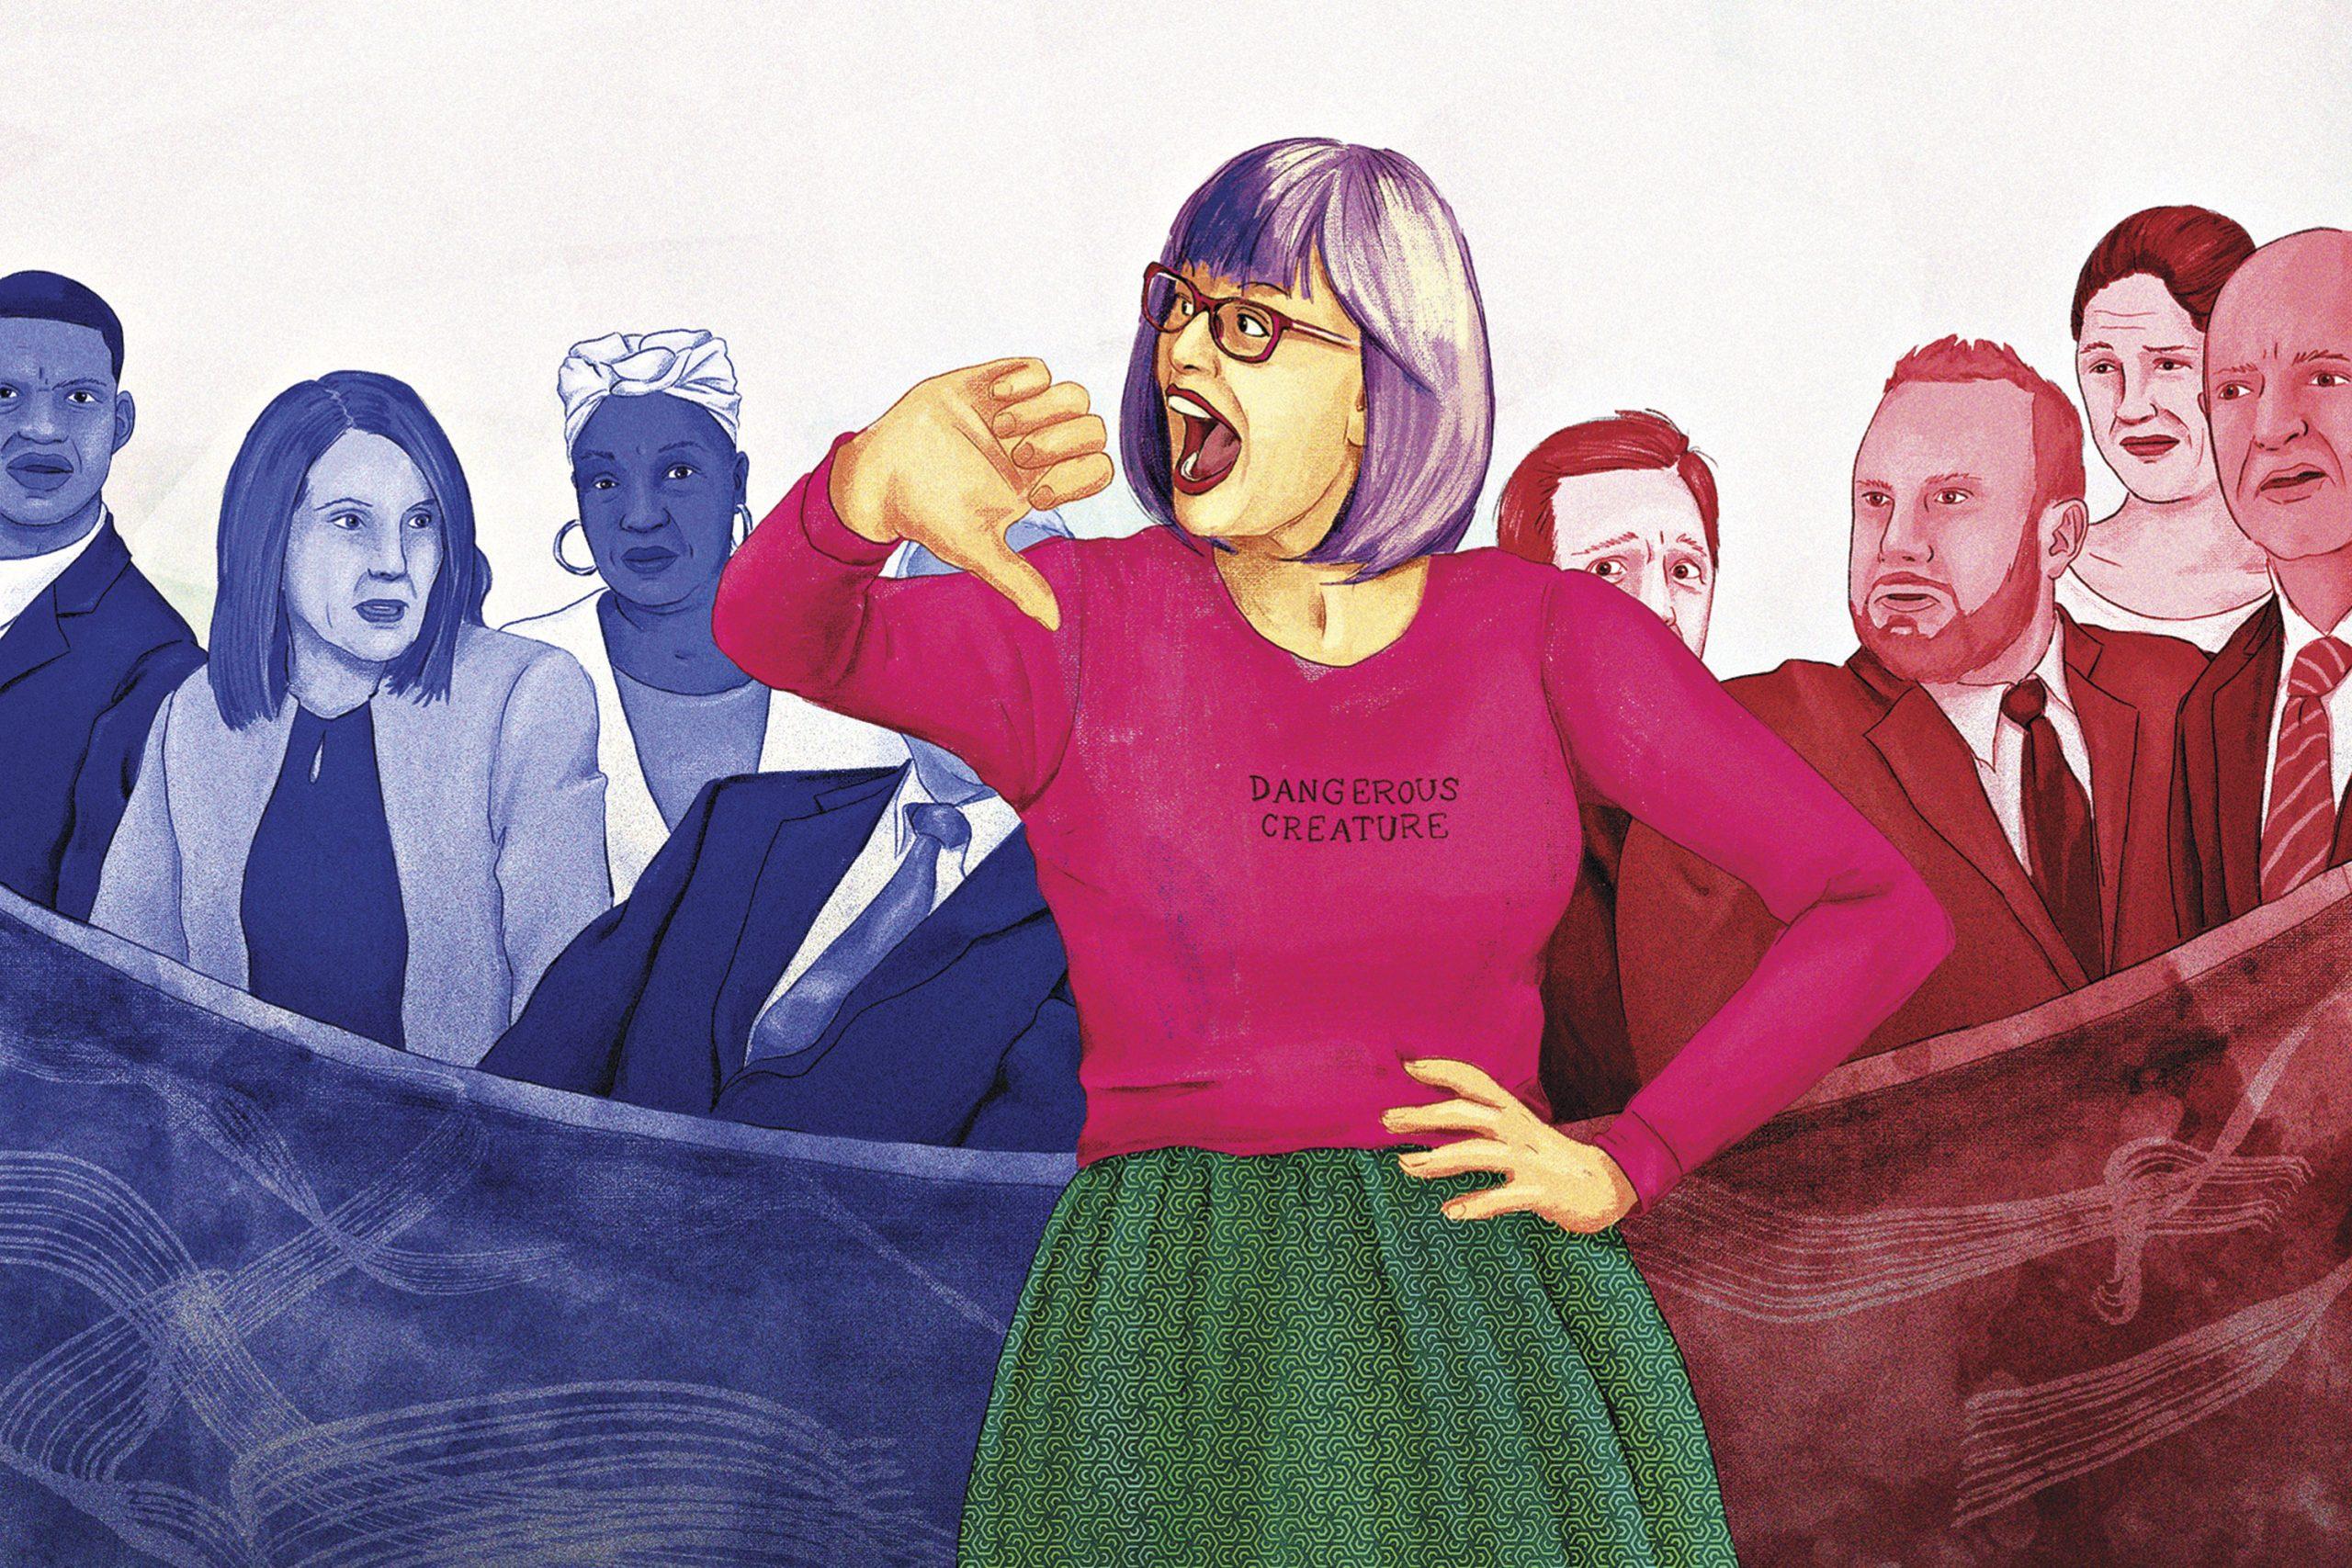 Illustration by Michelle Kondrich